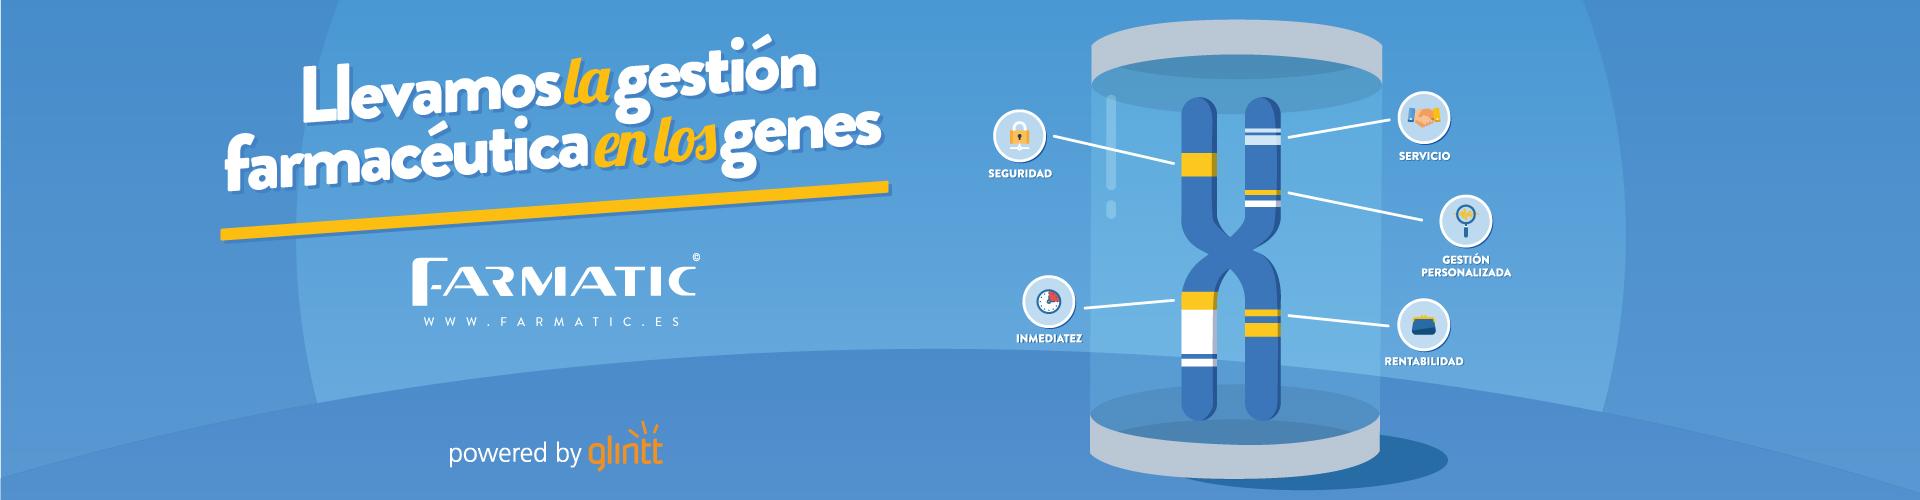 Farmatic : gestión farmaceútica en los genes